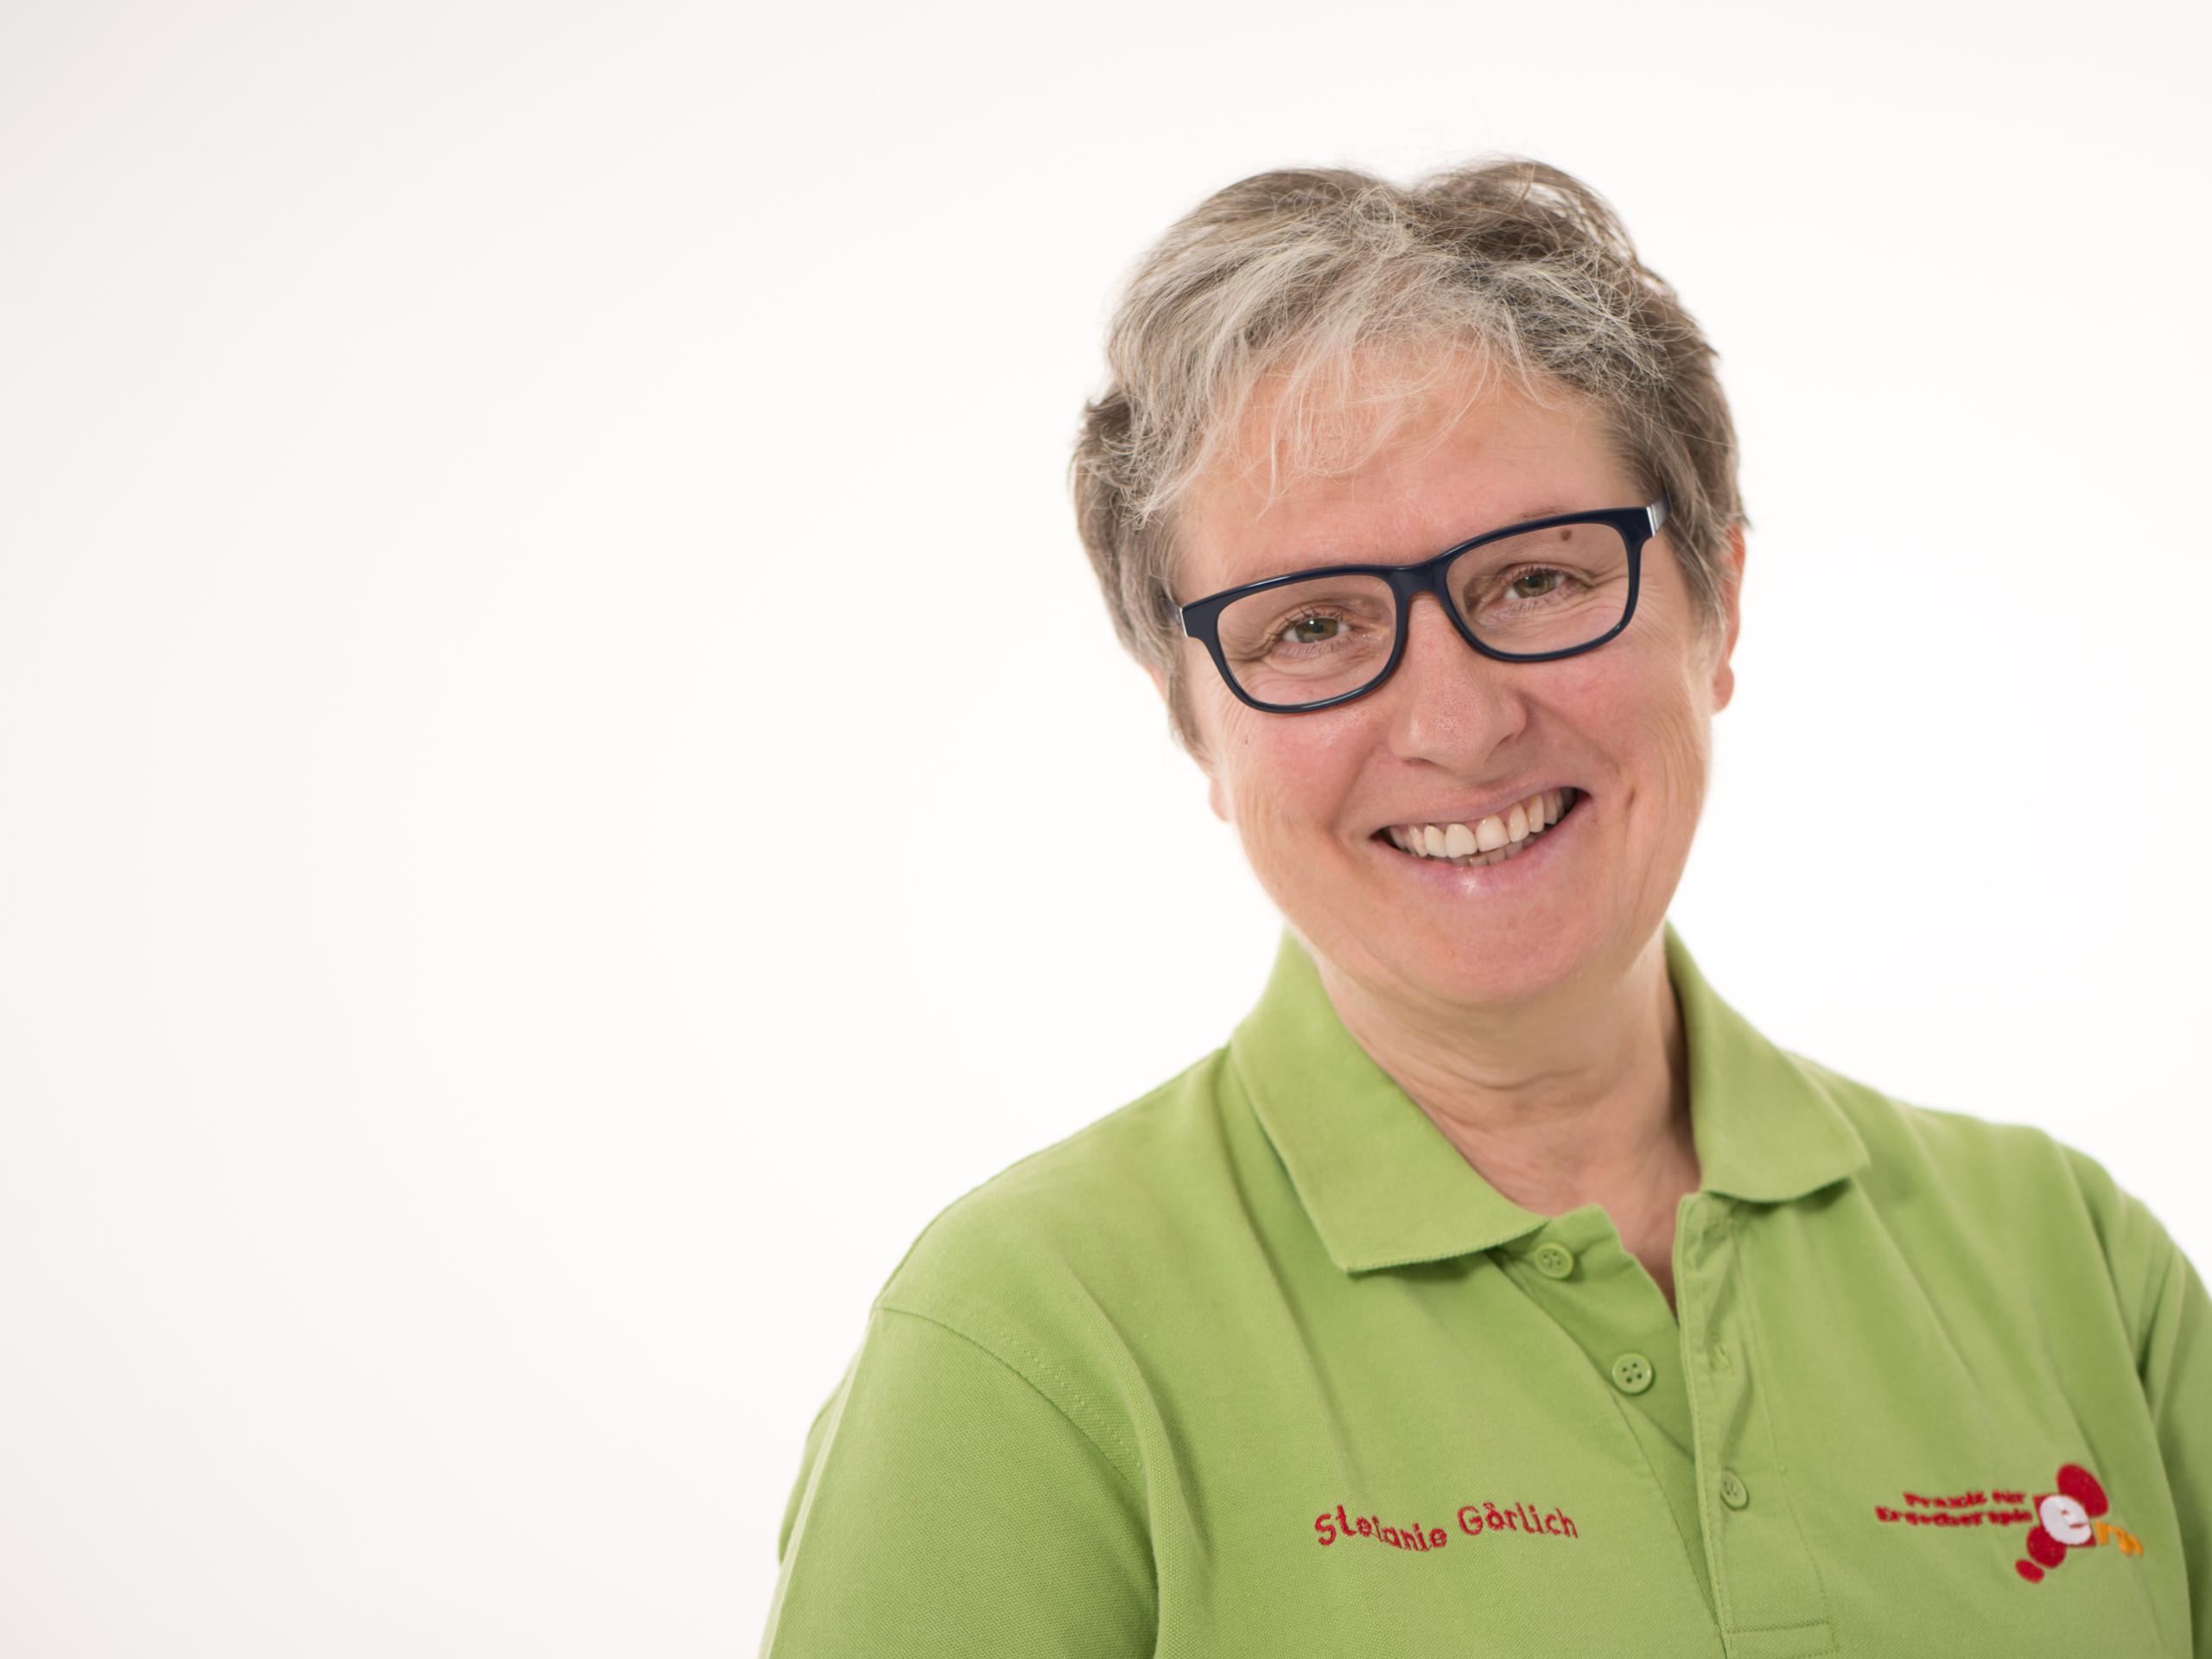 Stefanie Görlich